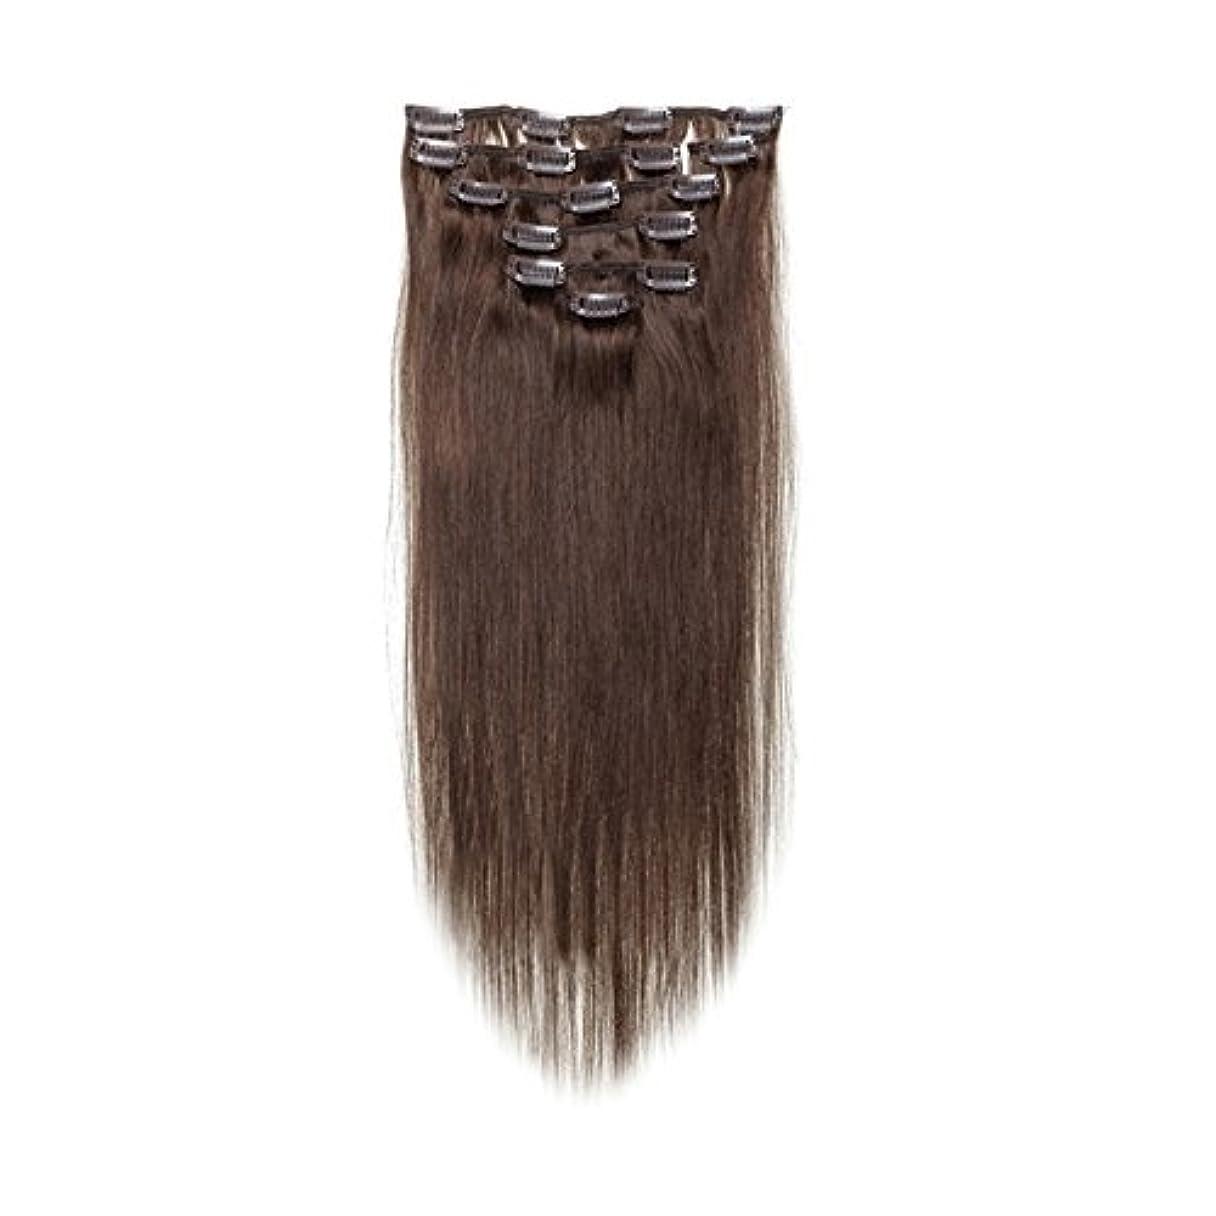 ワット剃る淡いヘアエクステンション,SODIAL(R) 女性の人間の髪 クリップインヘアエクステンション 7件 70g 20インチ ダークブラウン